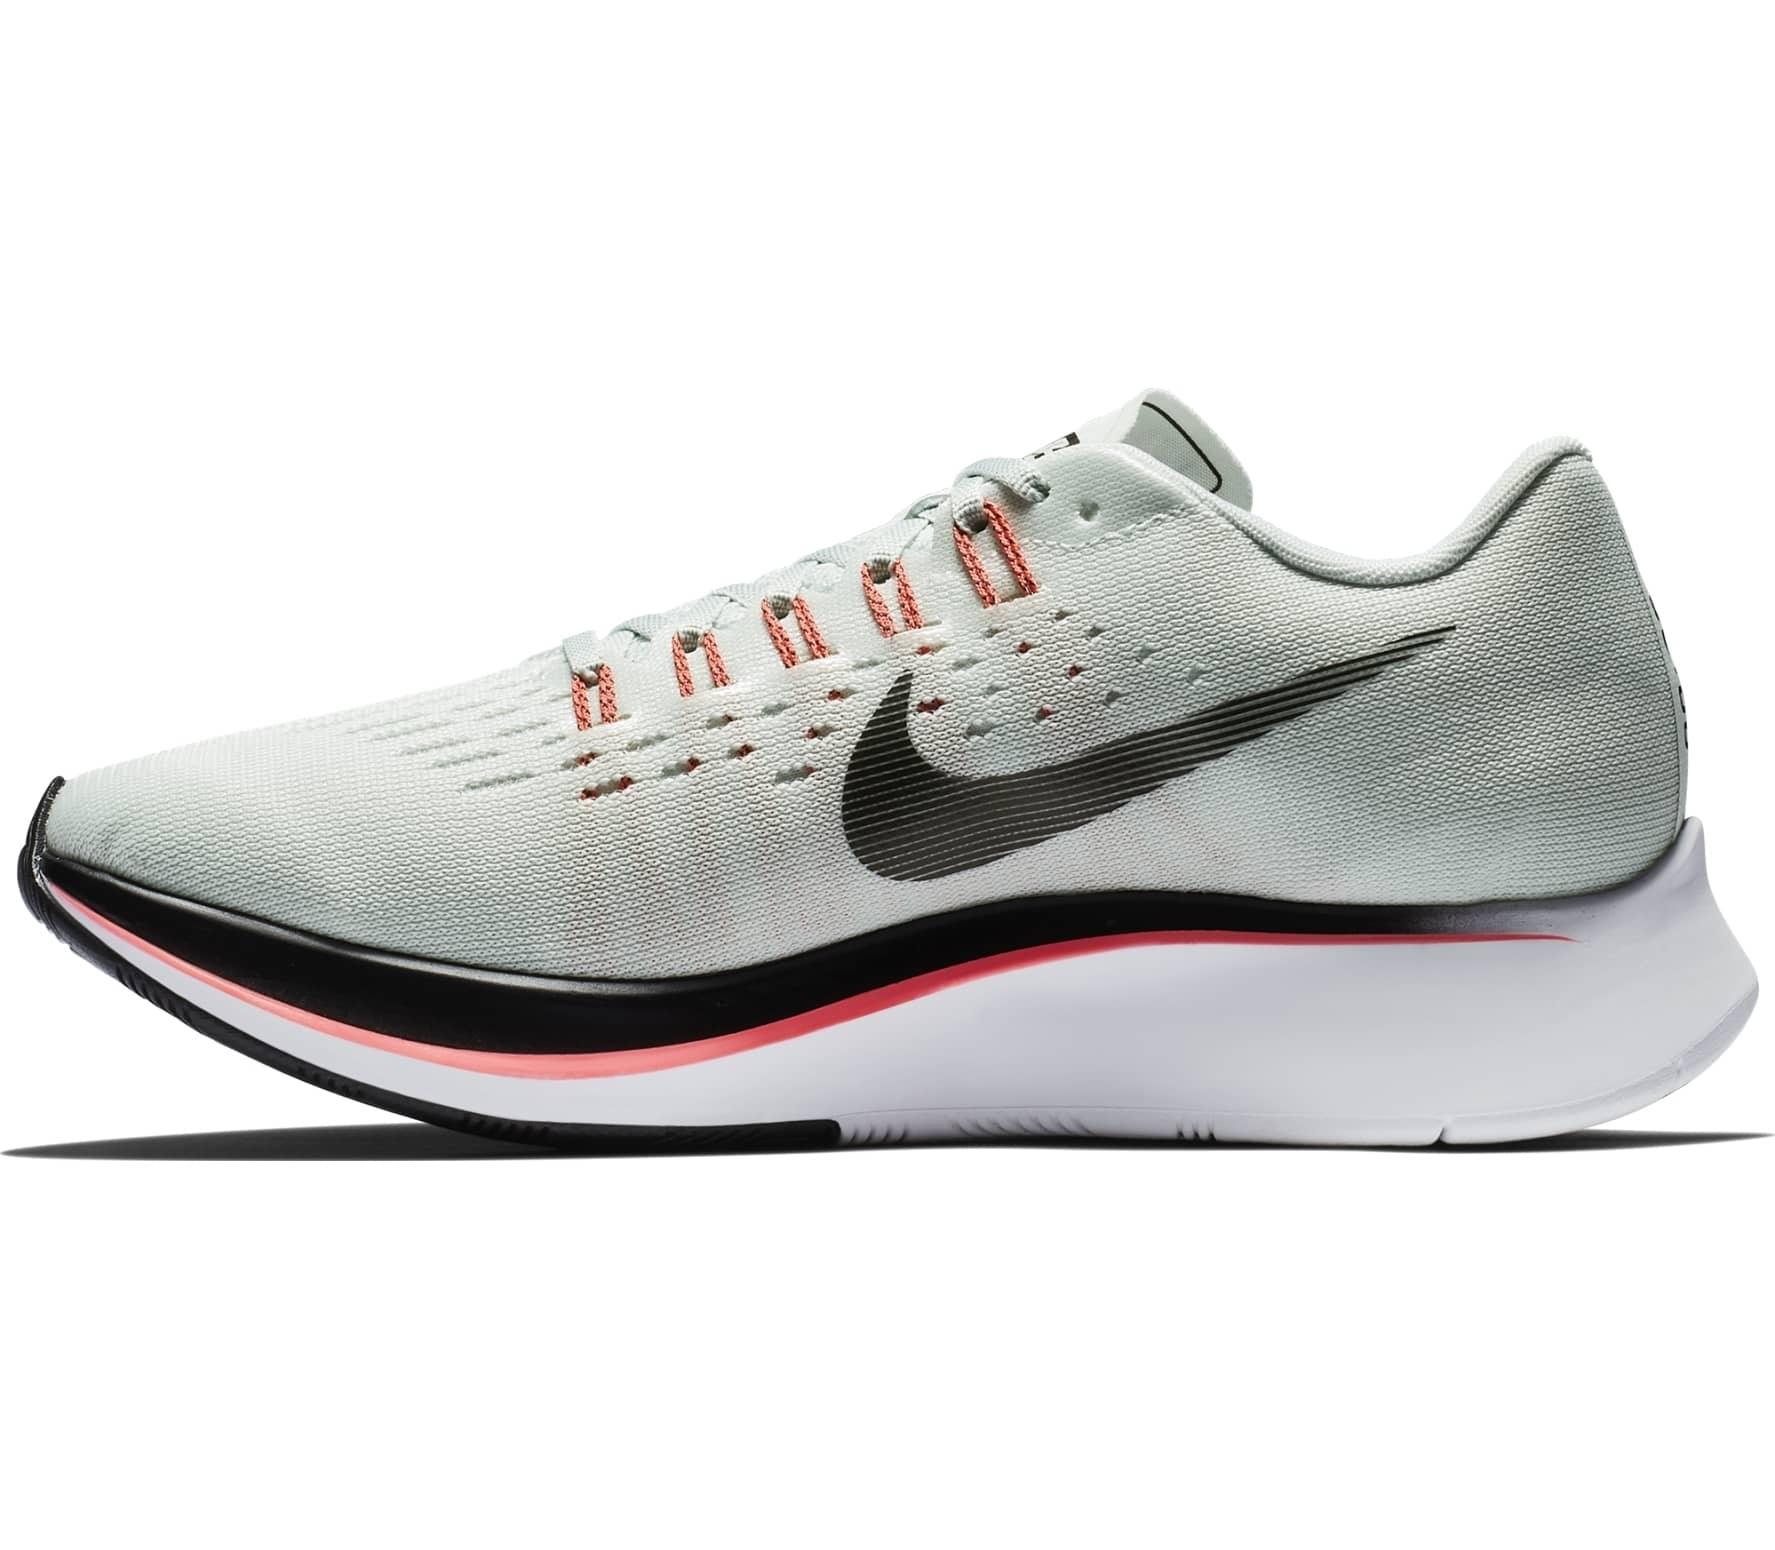 Nike - Zoom Fly zapatillas de running para mujer (gris)